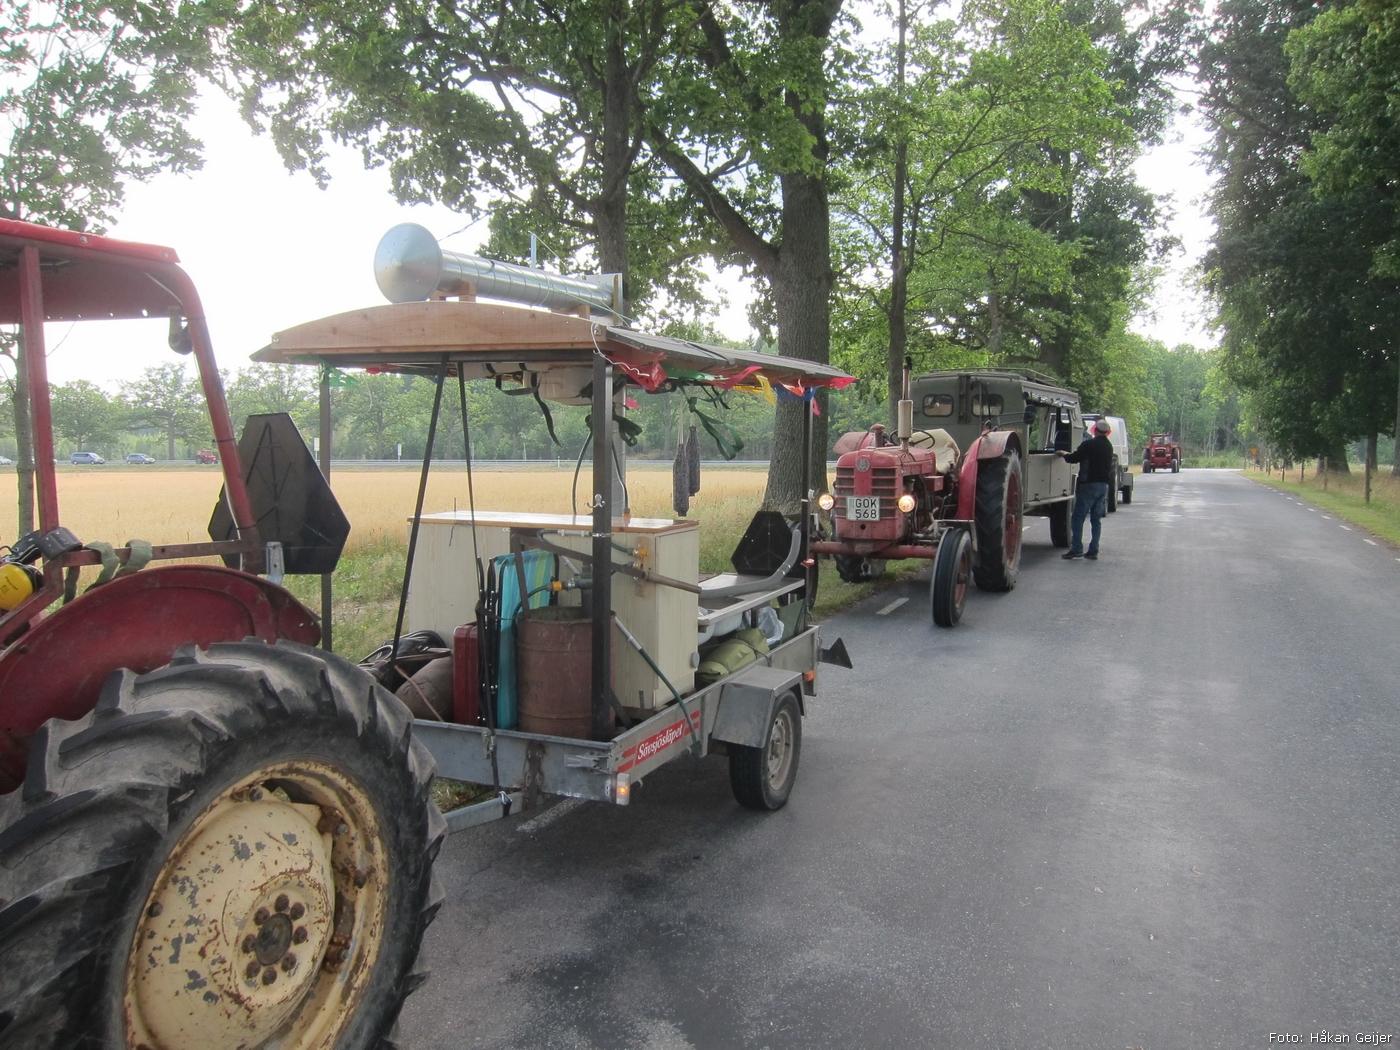 2014-08-01_62_traktorresa